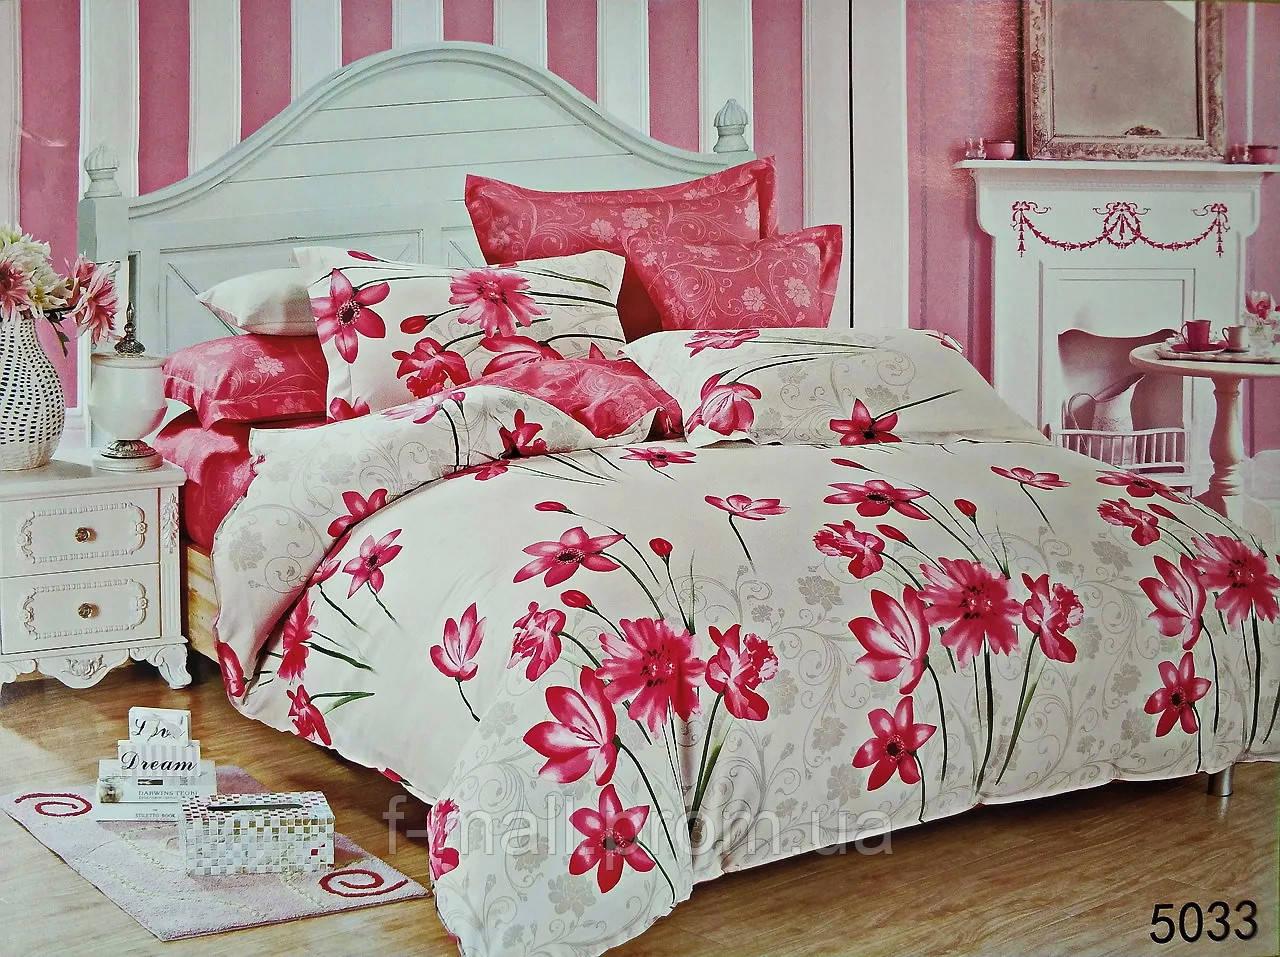 Комплект постельного белья ELWAY (Польша) Сатин семейный (5033)